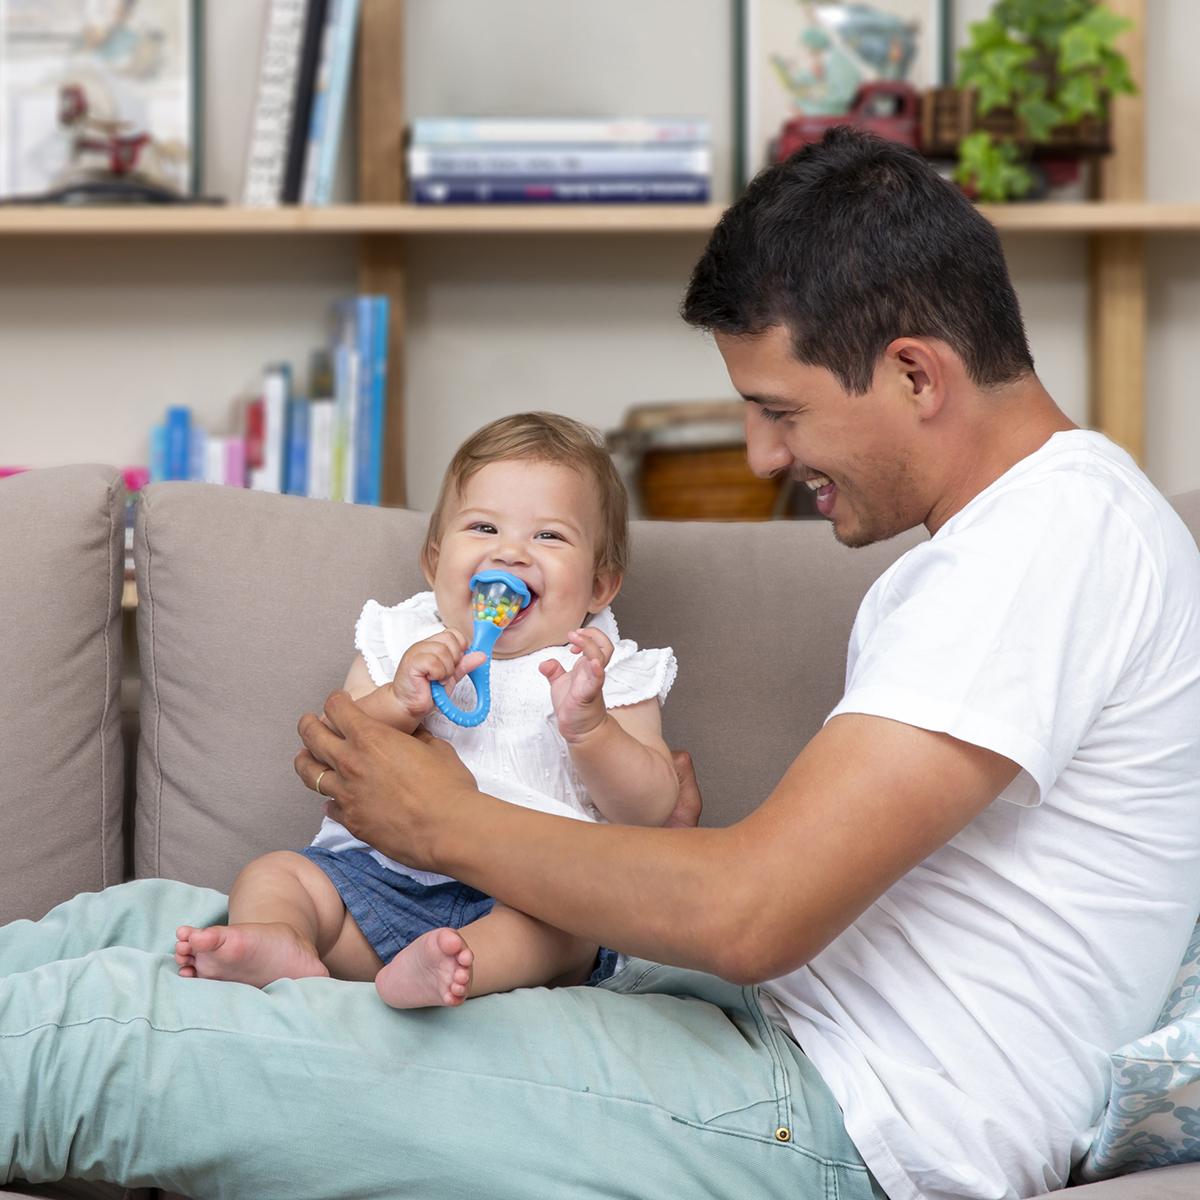 赤ちゃんとどんなあそびをしていますか?